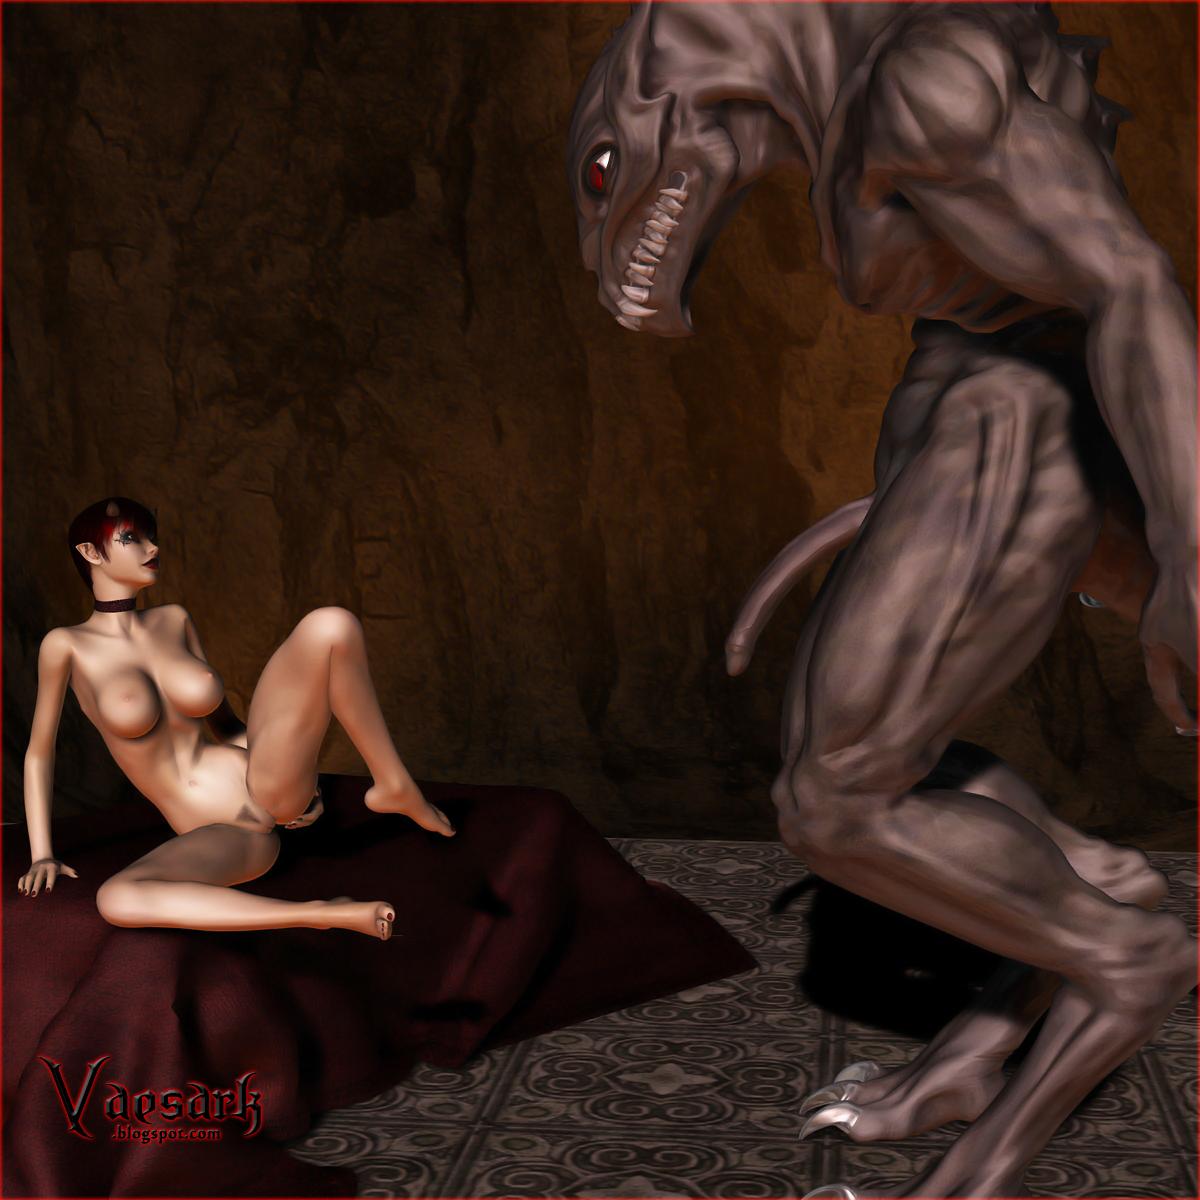 Creature fucks women nackt tubes